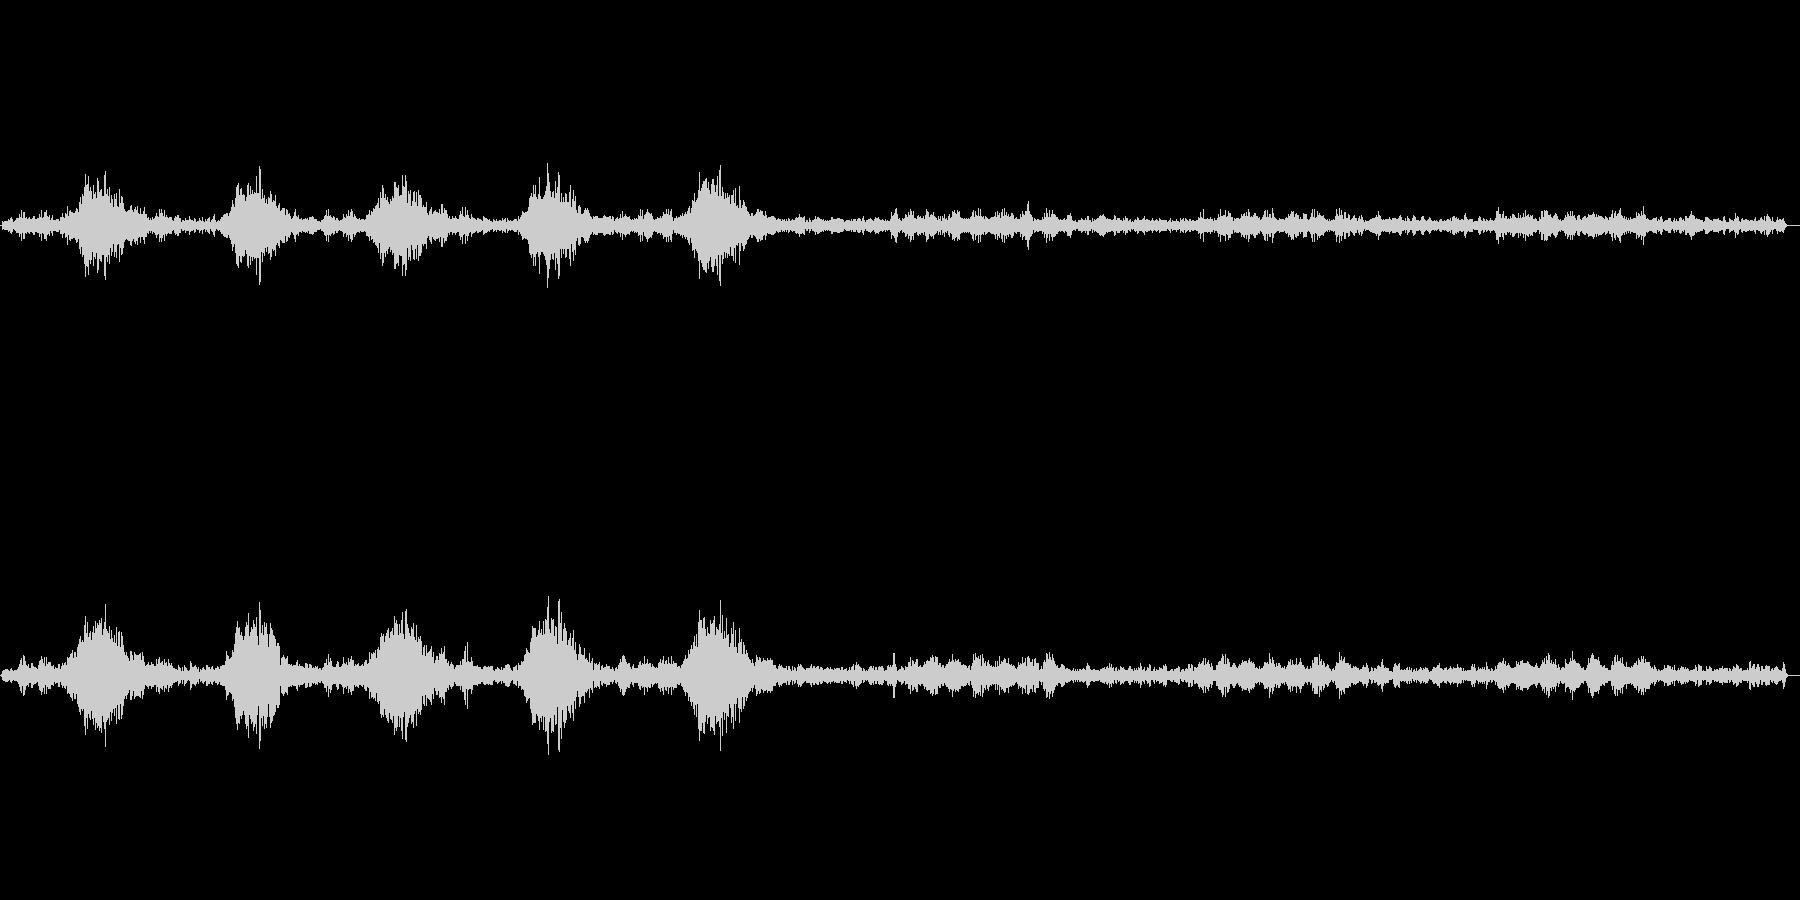 カァカァージジジ(カラスと虫の声)の未再生の波形